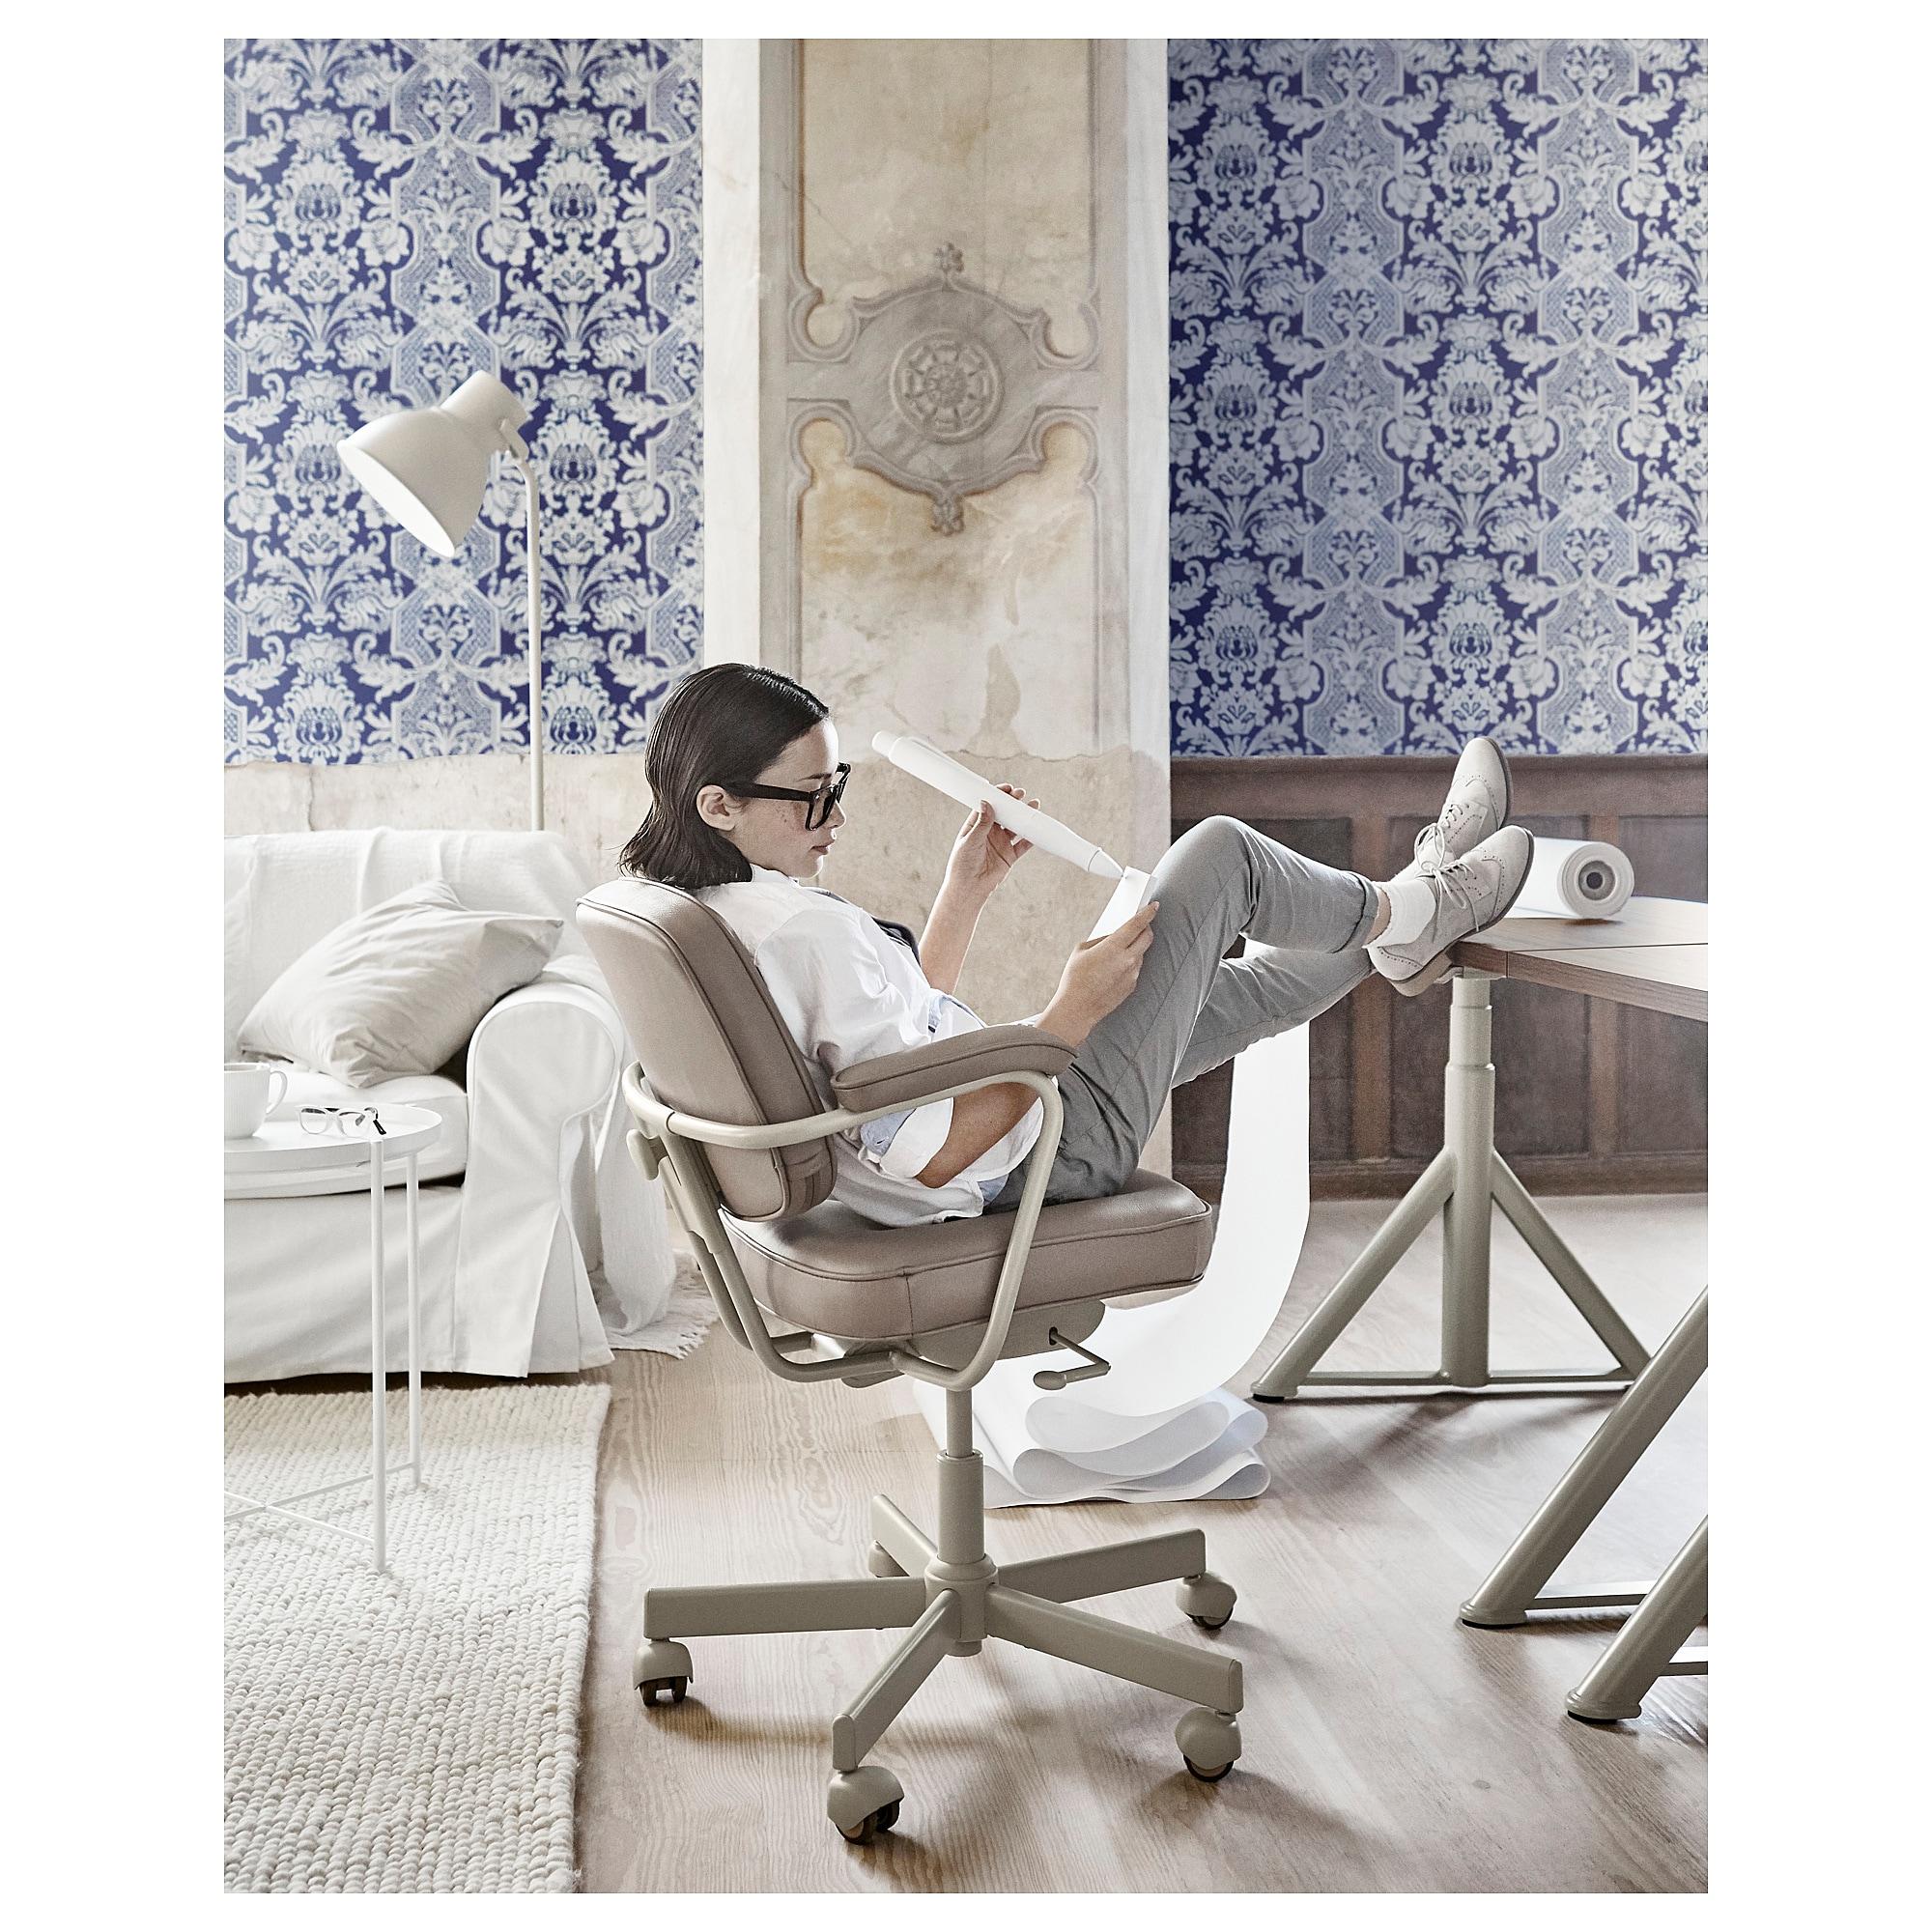 ALEFJÄLL Drehstuhl Grann beige | Products in 2019 | Ikea